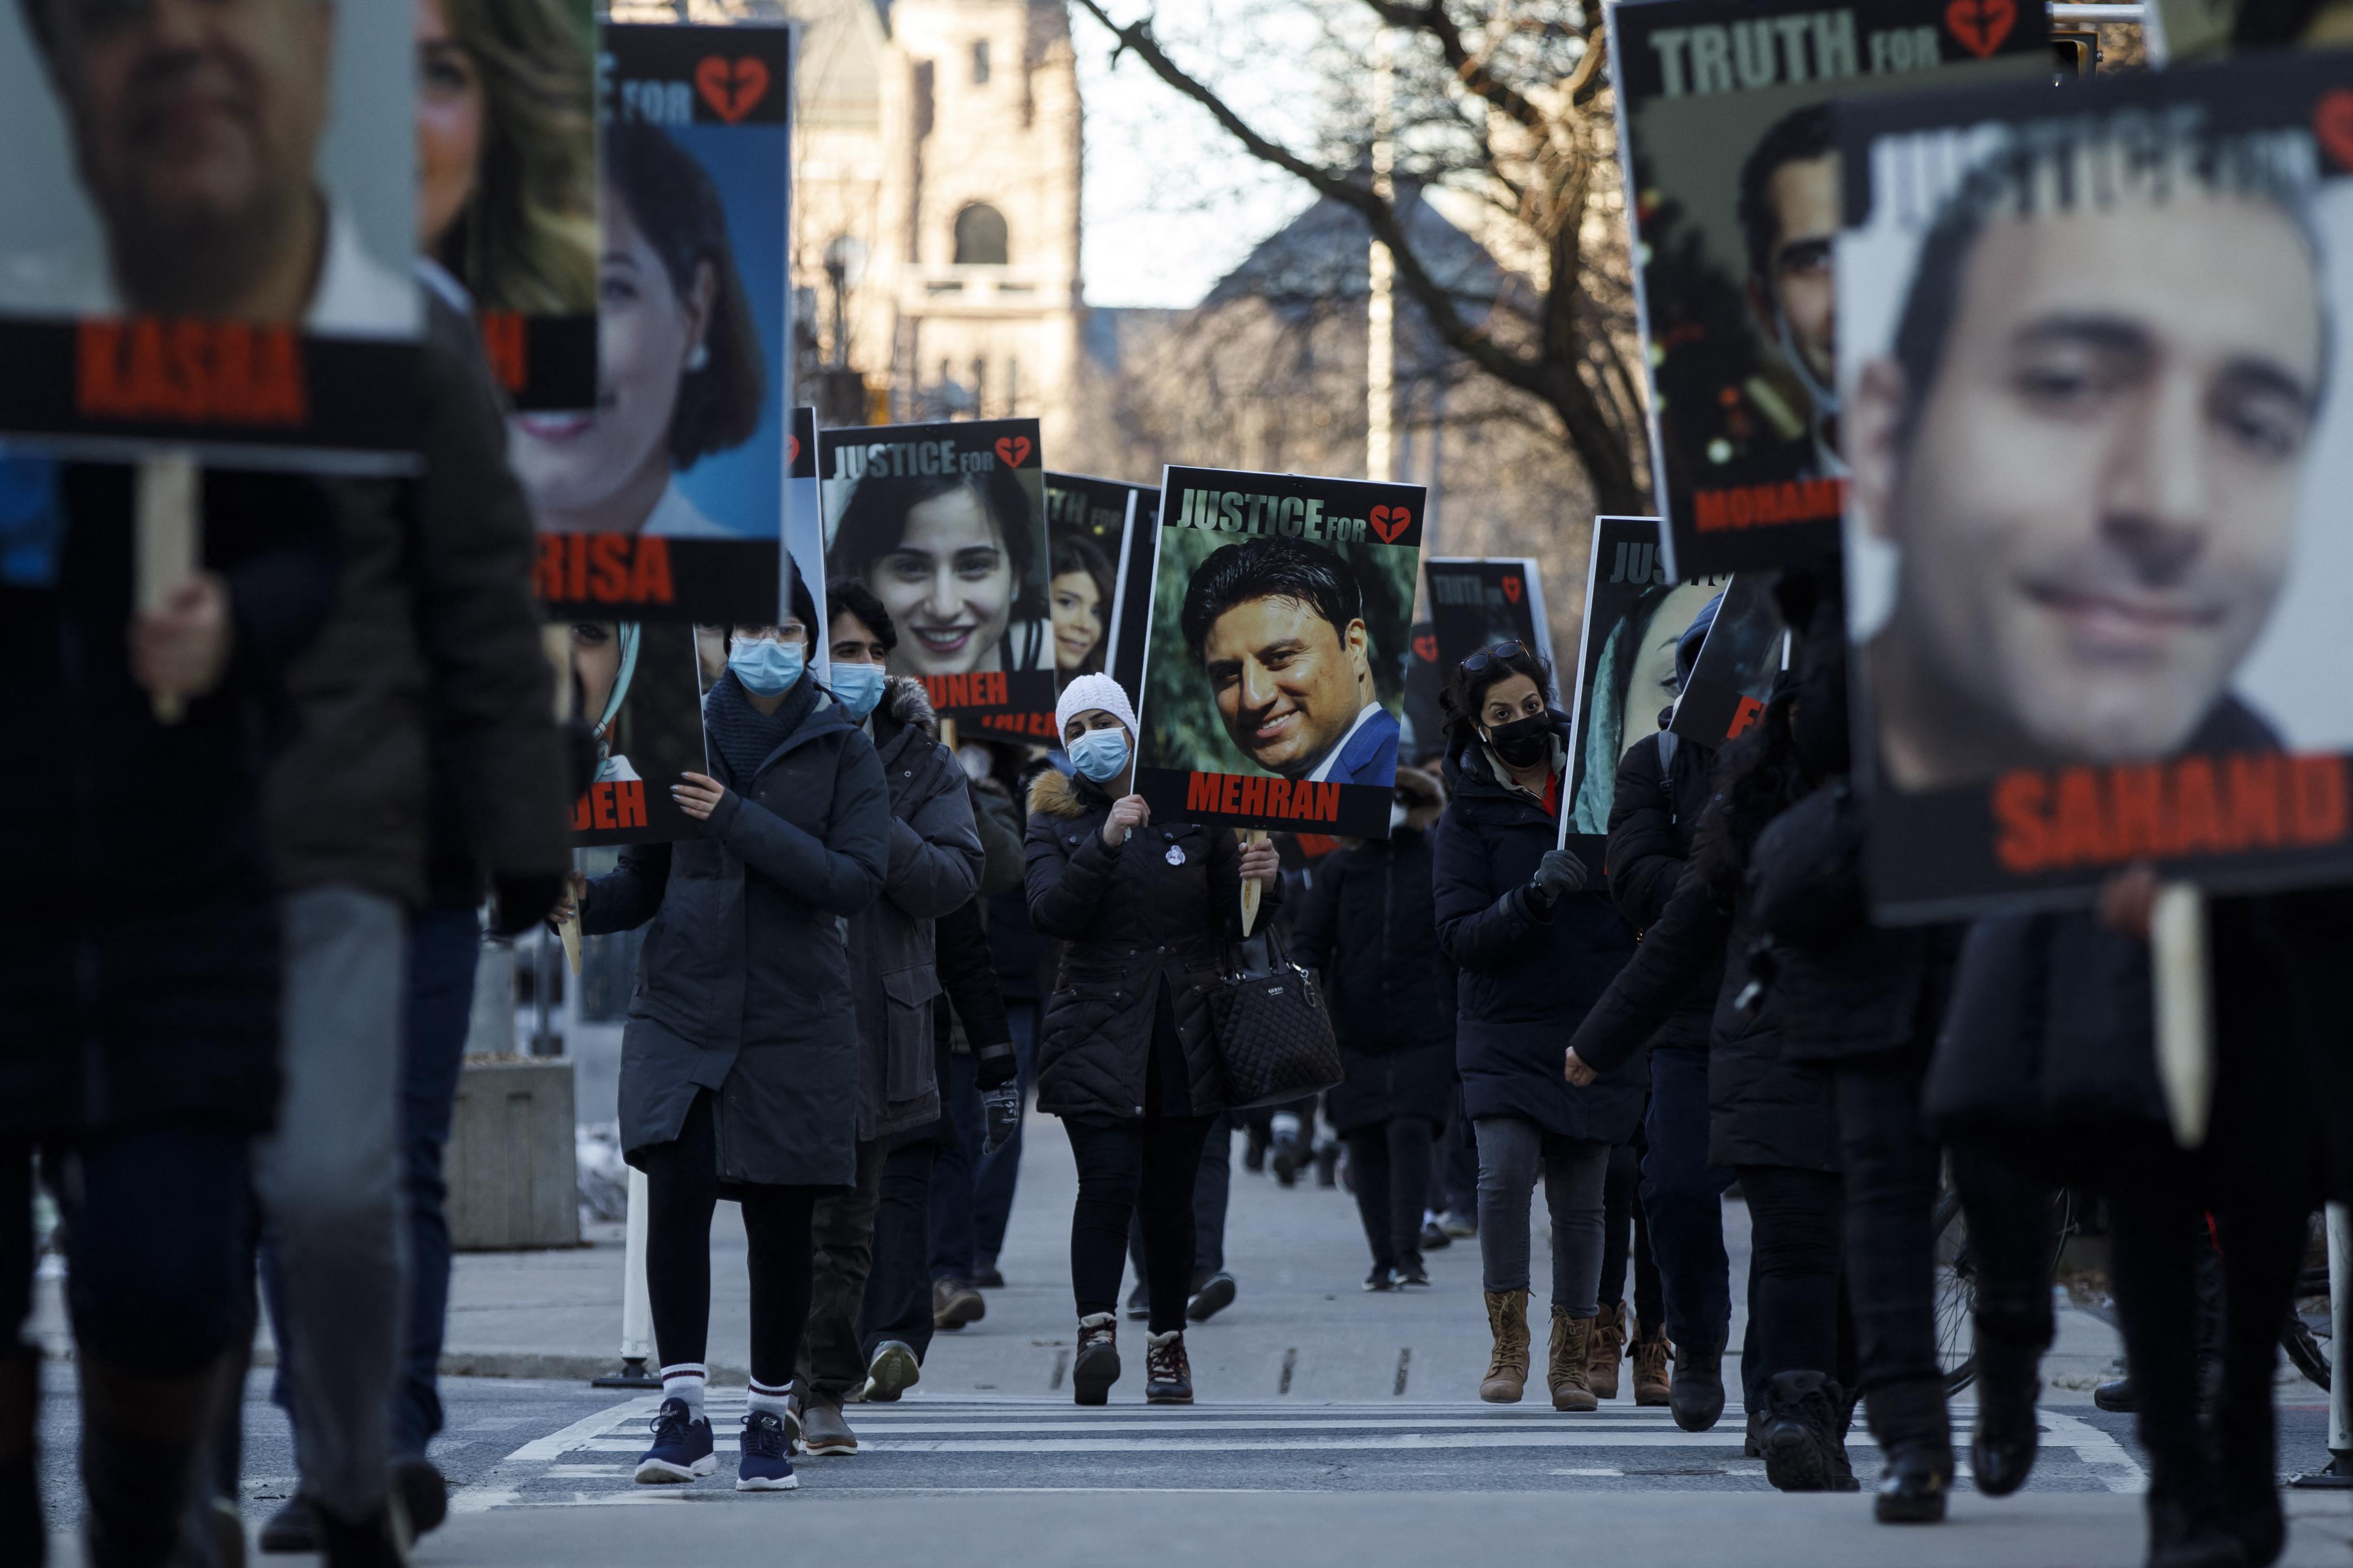 1,5 milliárd dollárt kártérítést követelnek Irántól a Teheránban lelőtt ukrán repülőgép kanadai áldozatainak hozzátartozói